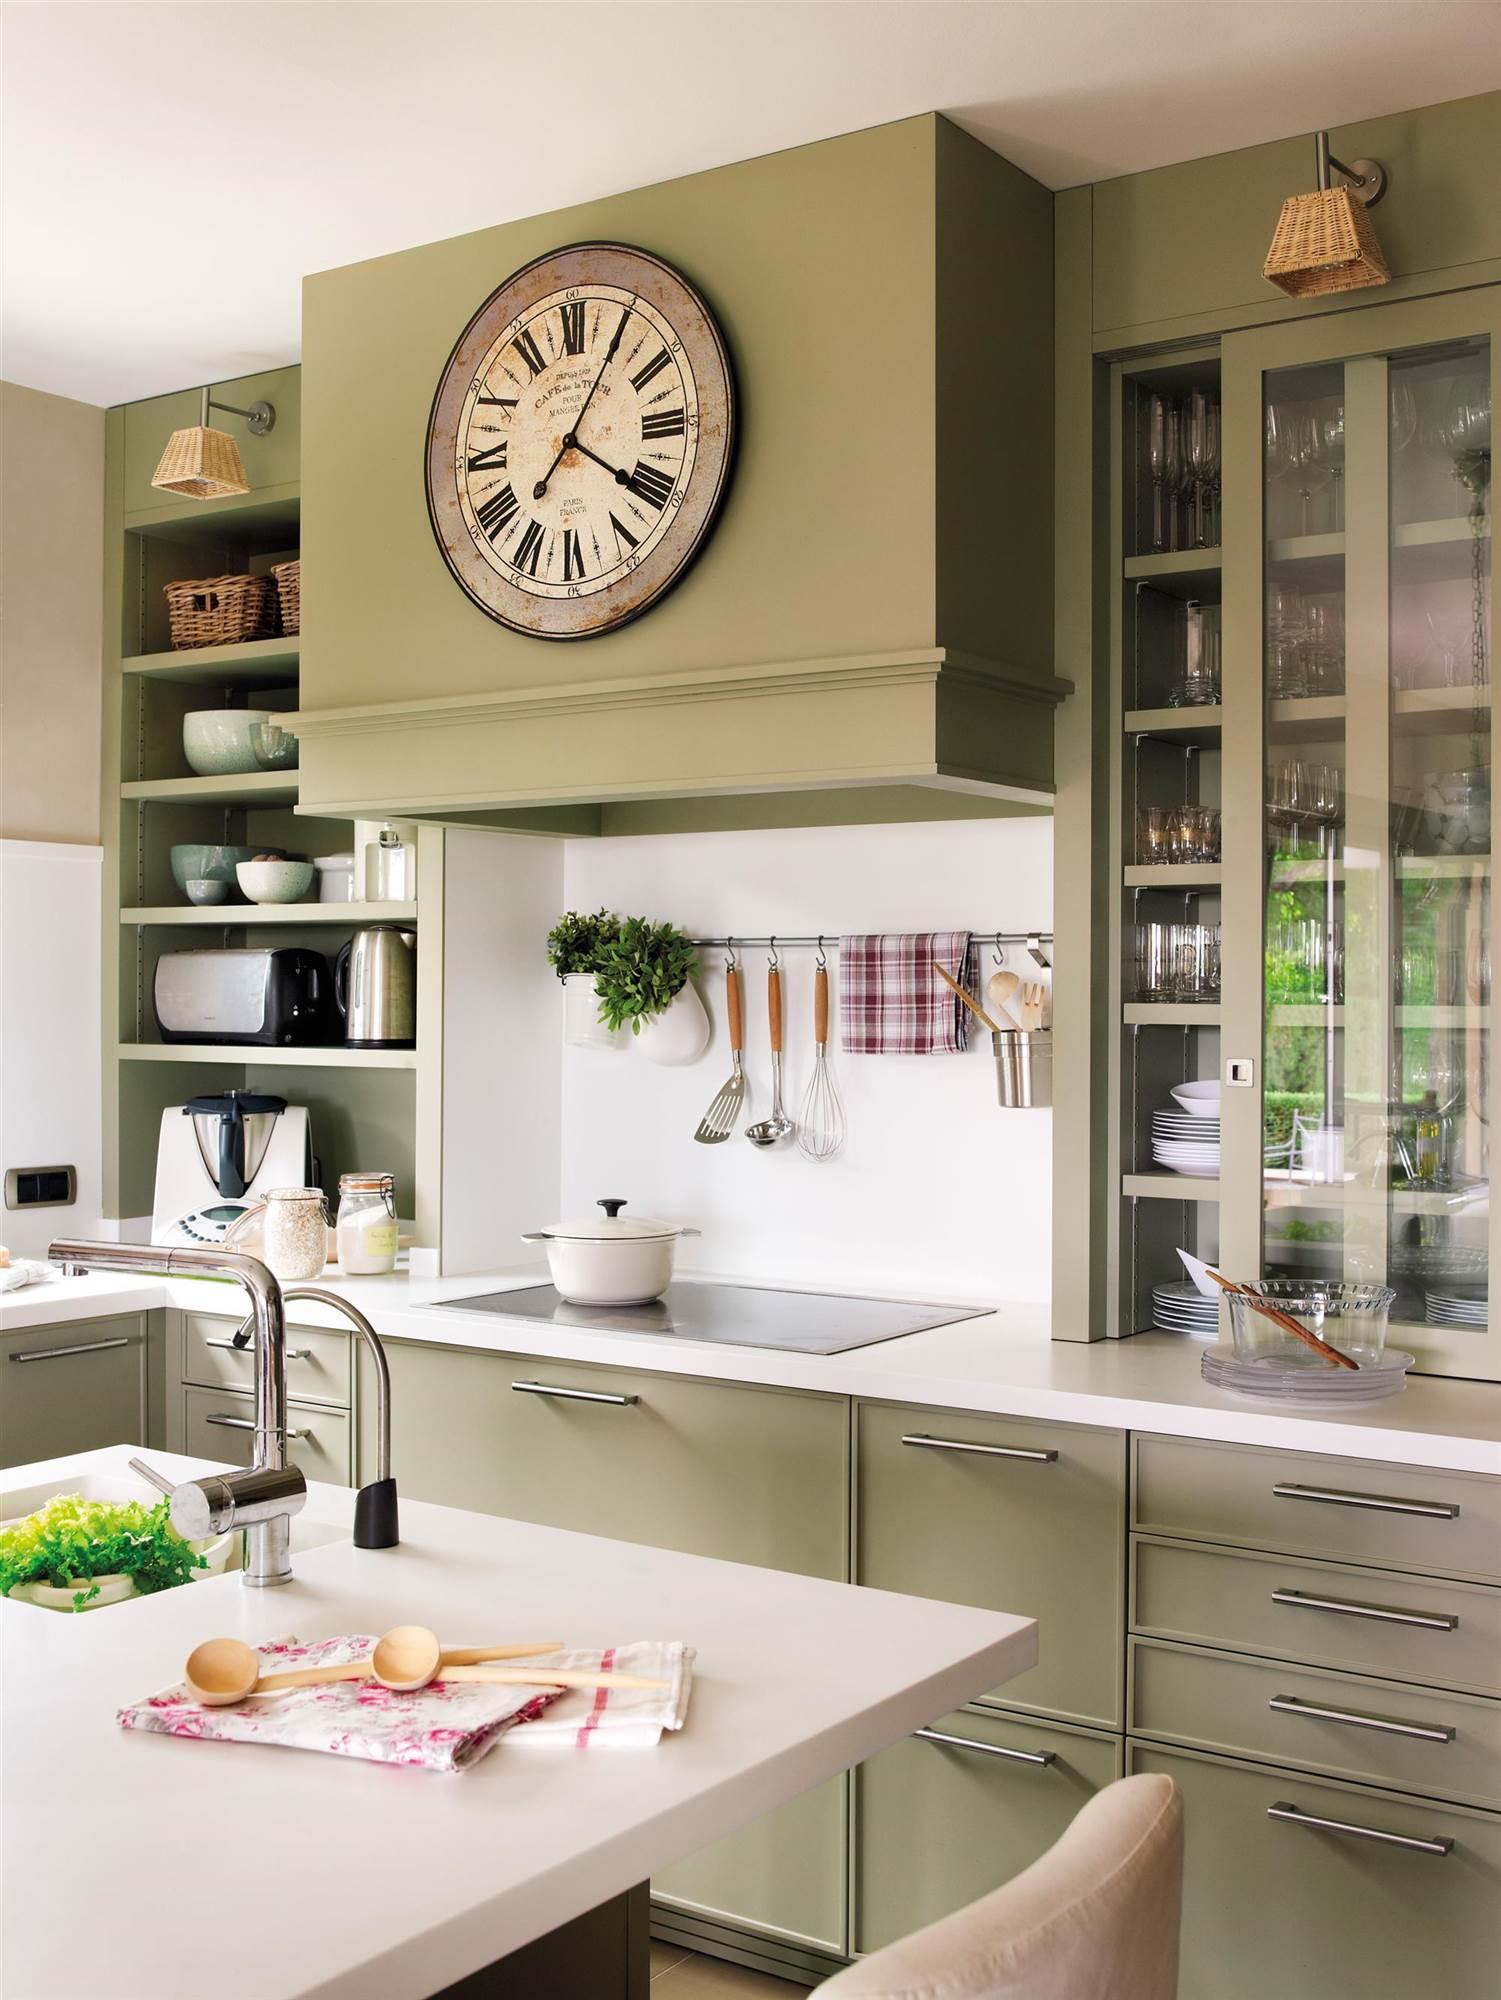 Relojes para decorar y cómo integrarlos en la decoración